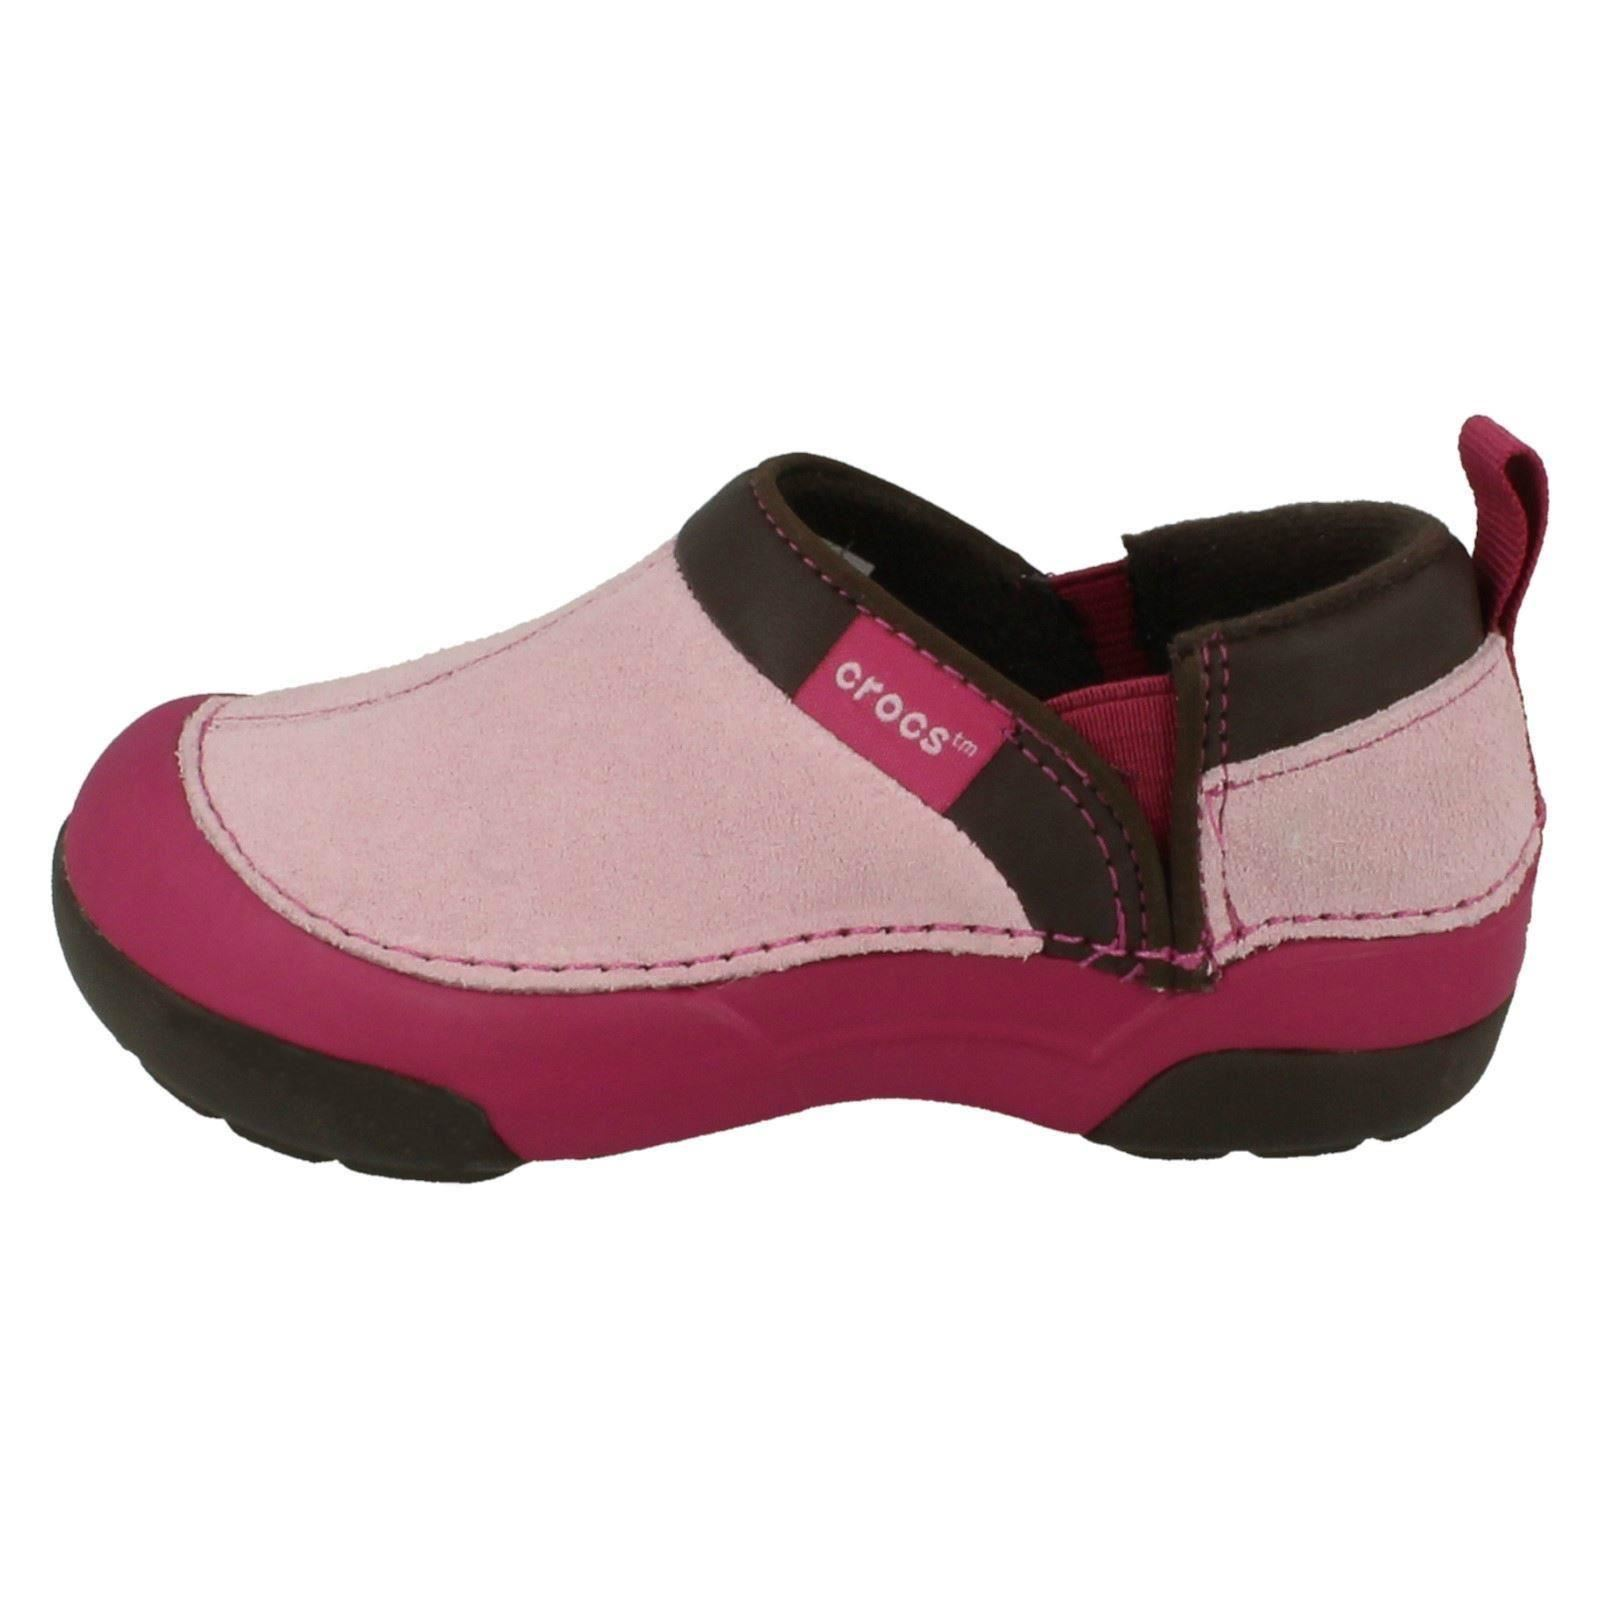 Niñas Crocs Slip On Zapatos Estilo astucia Cameron Kids ~ N